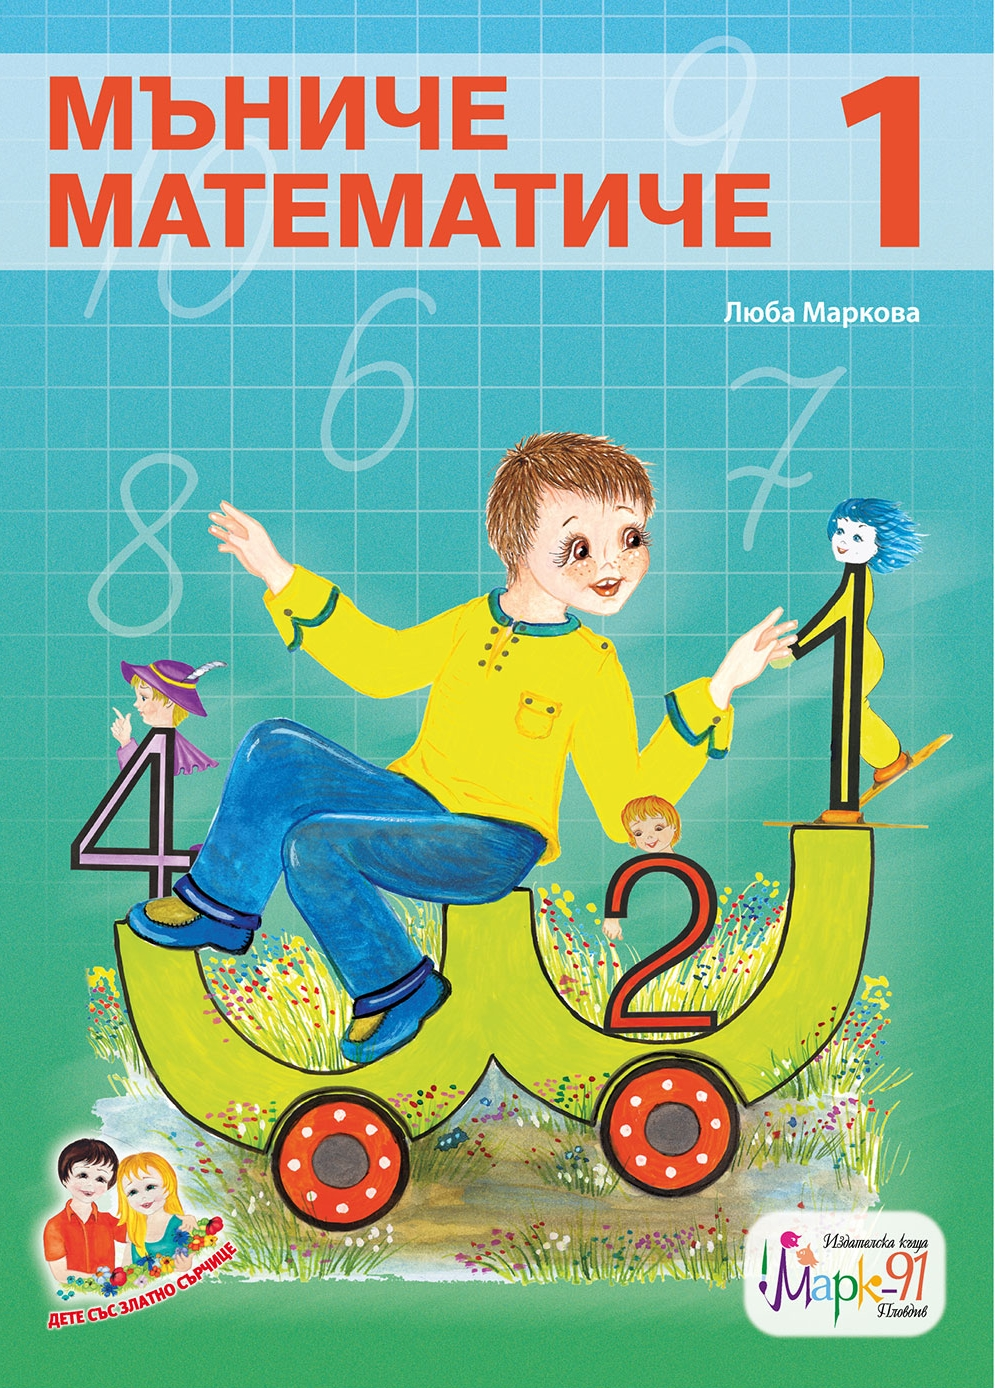 Мъниче математиче 1